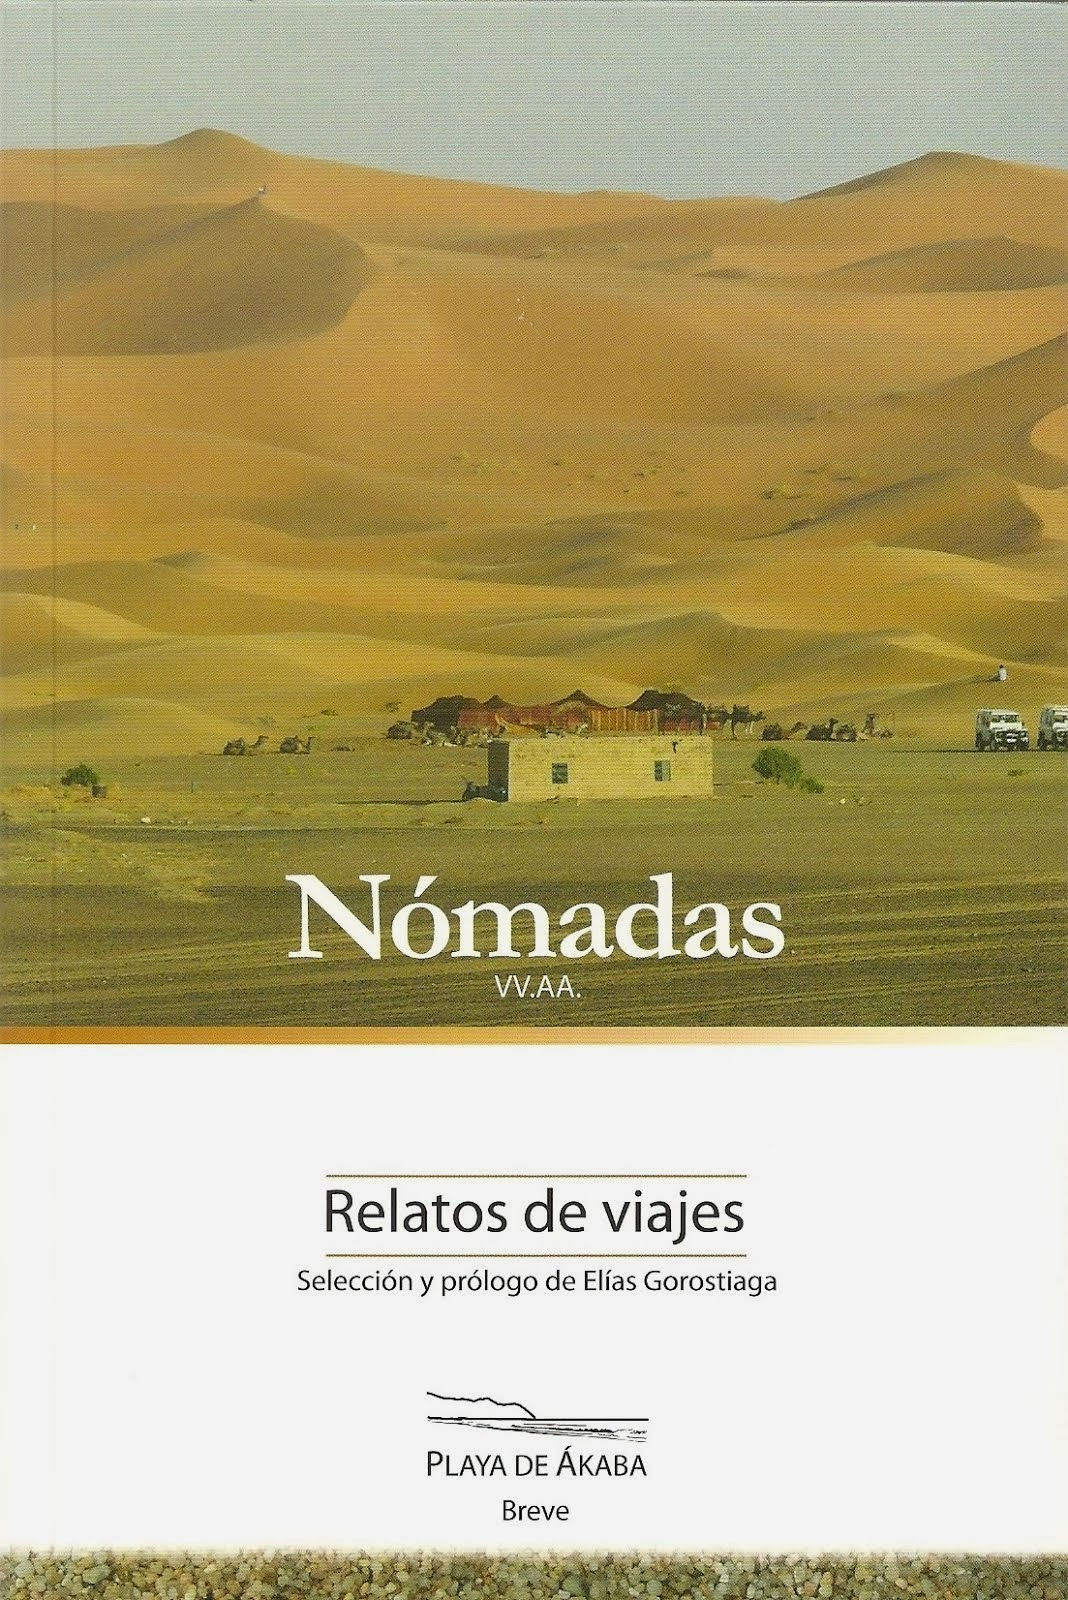 NOMADAS (2013)